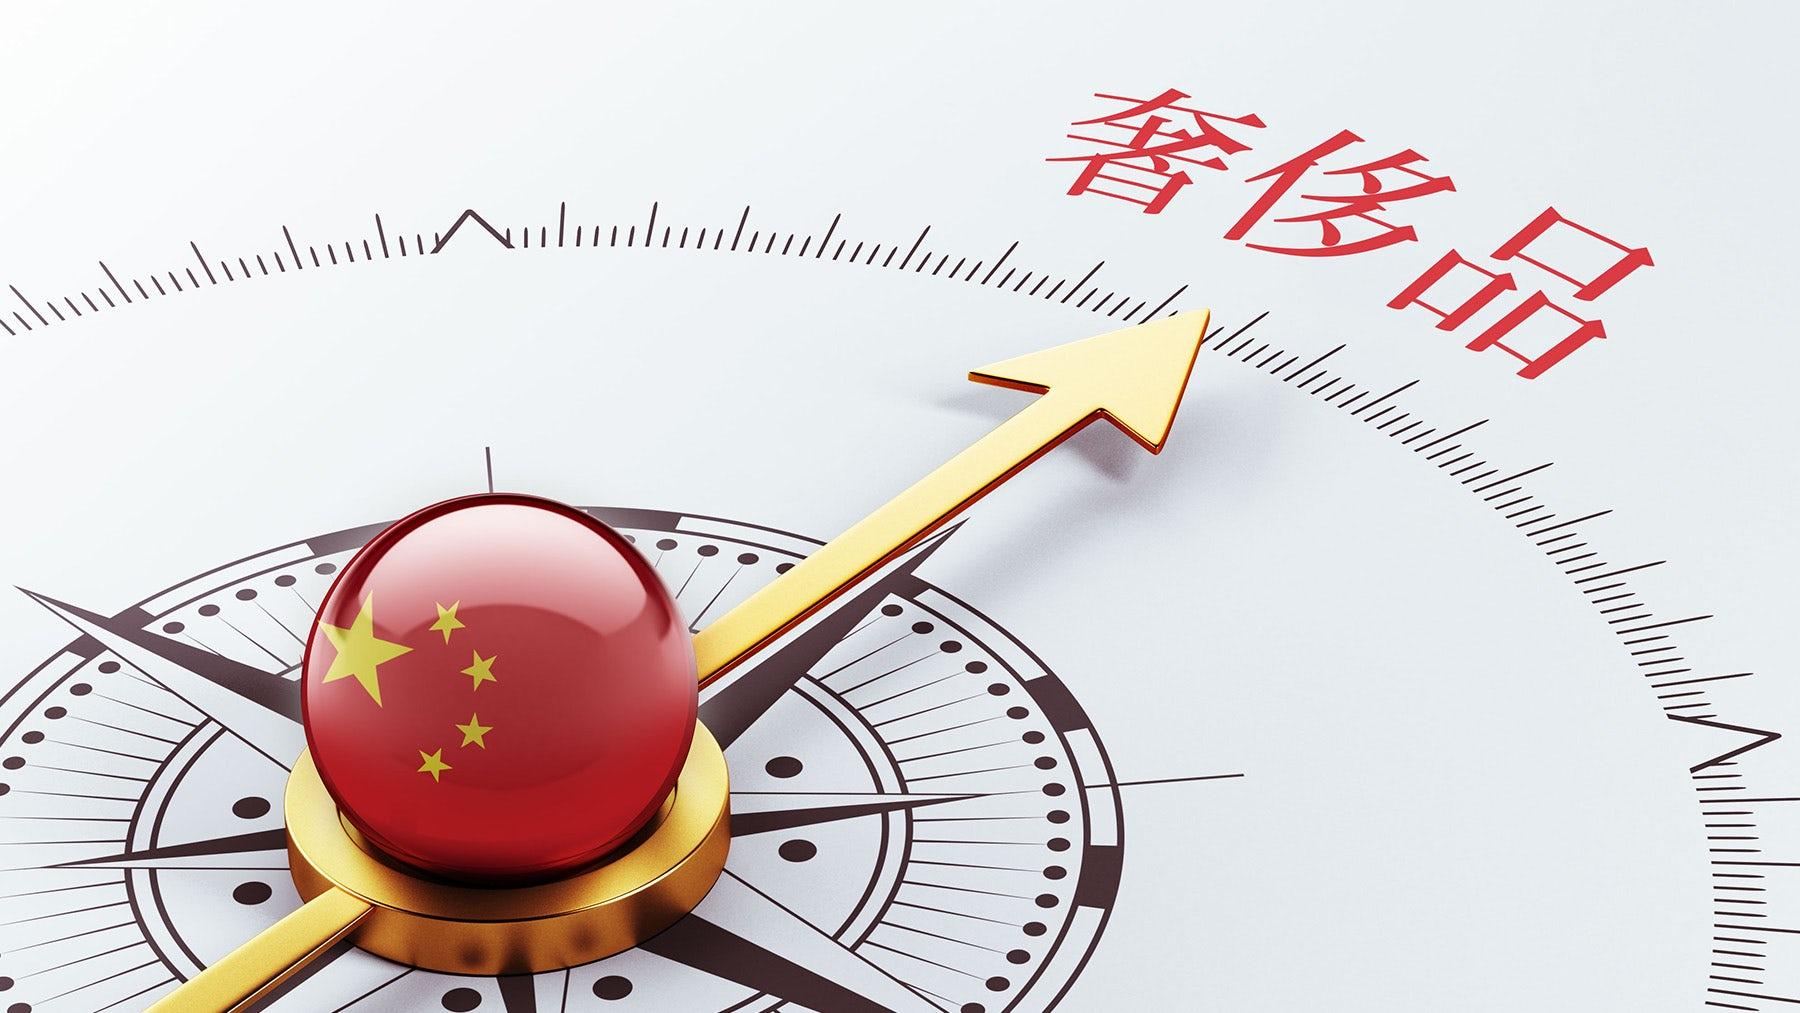 Resetting China's Luxury Compass